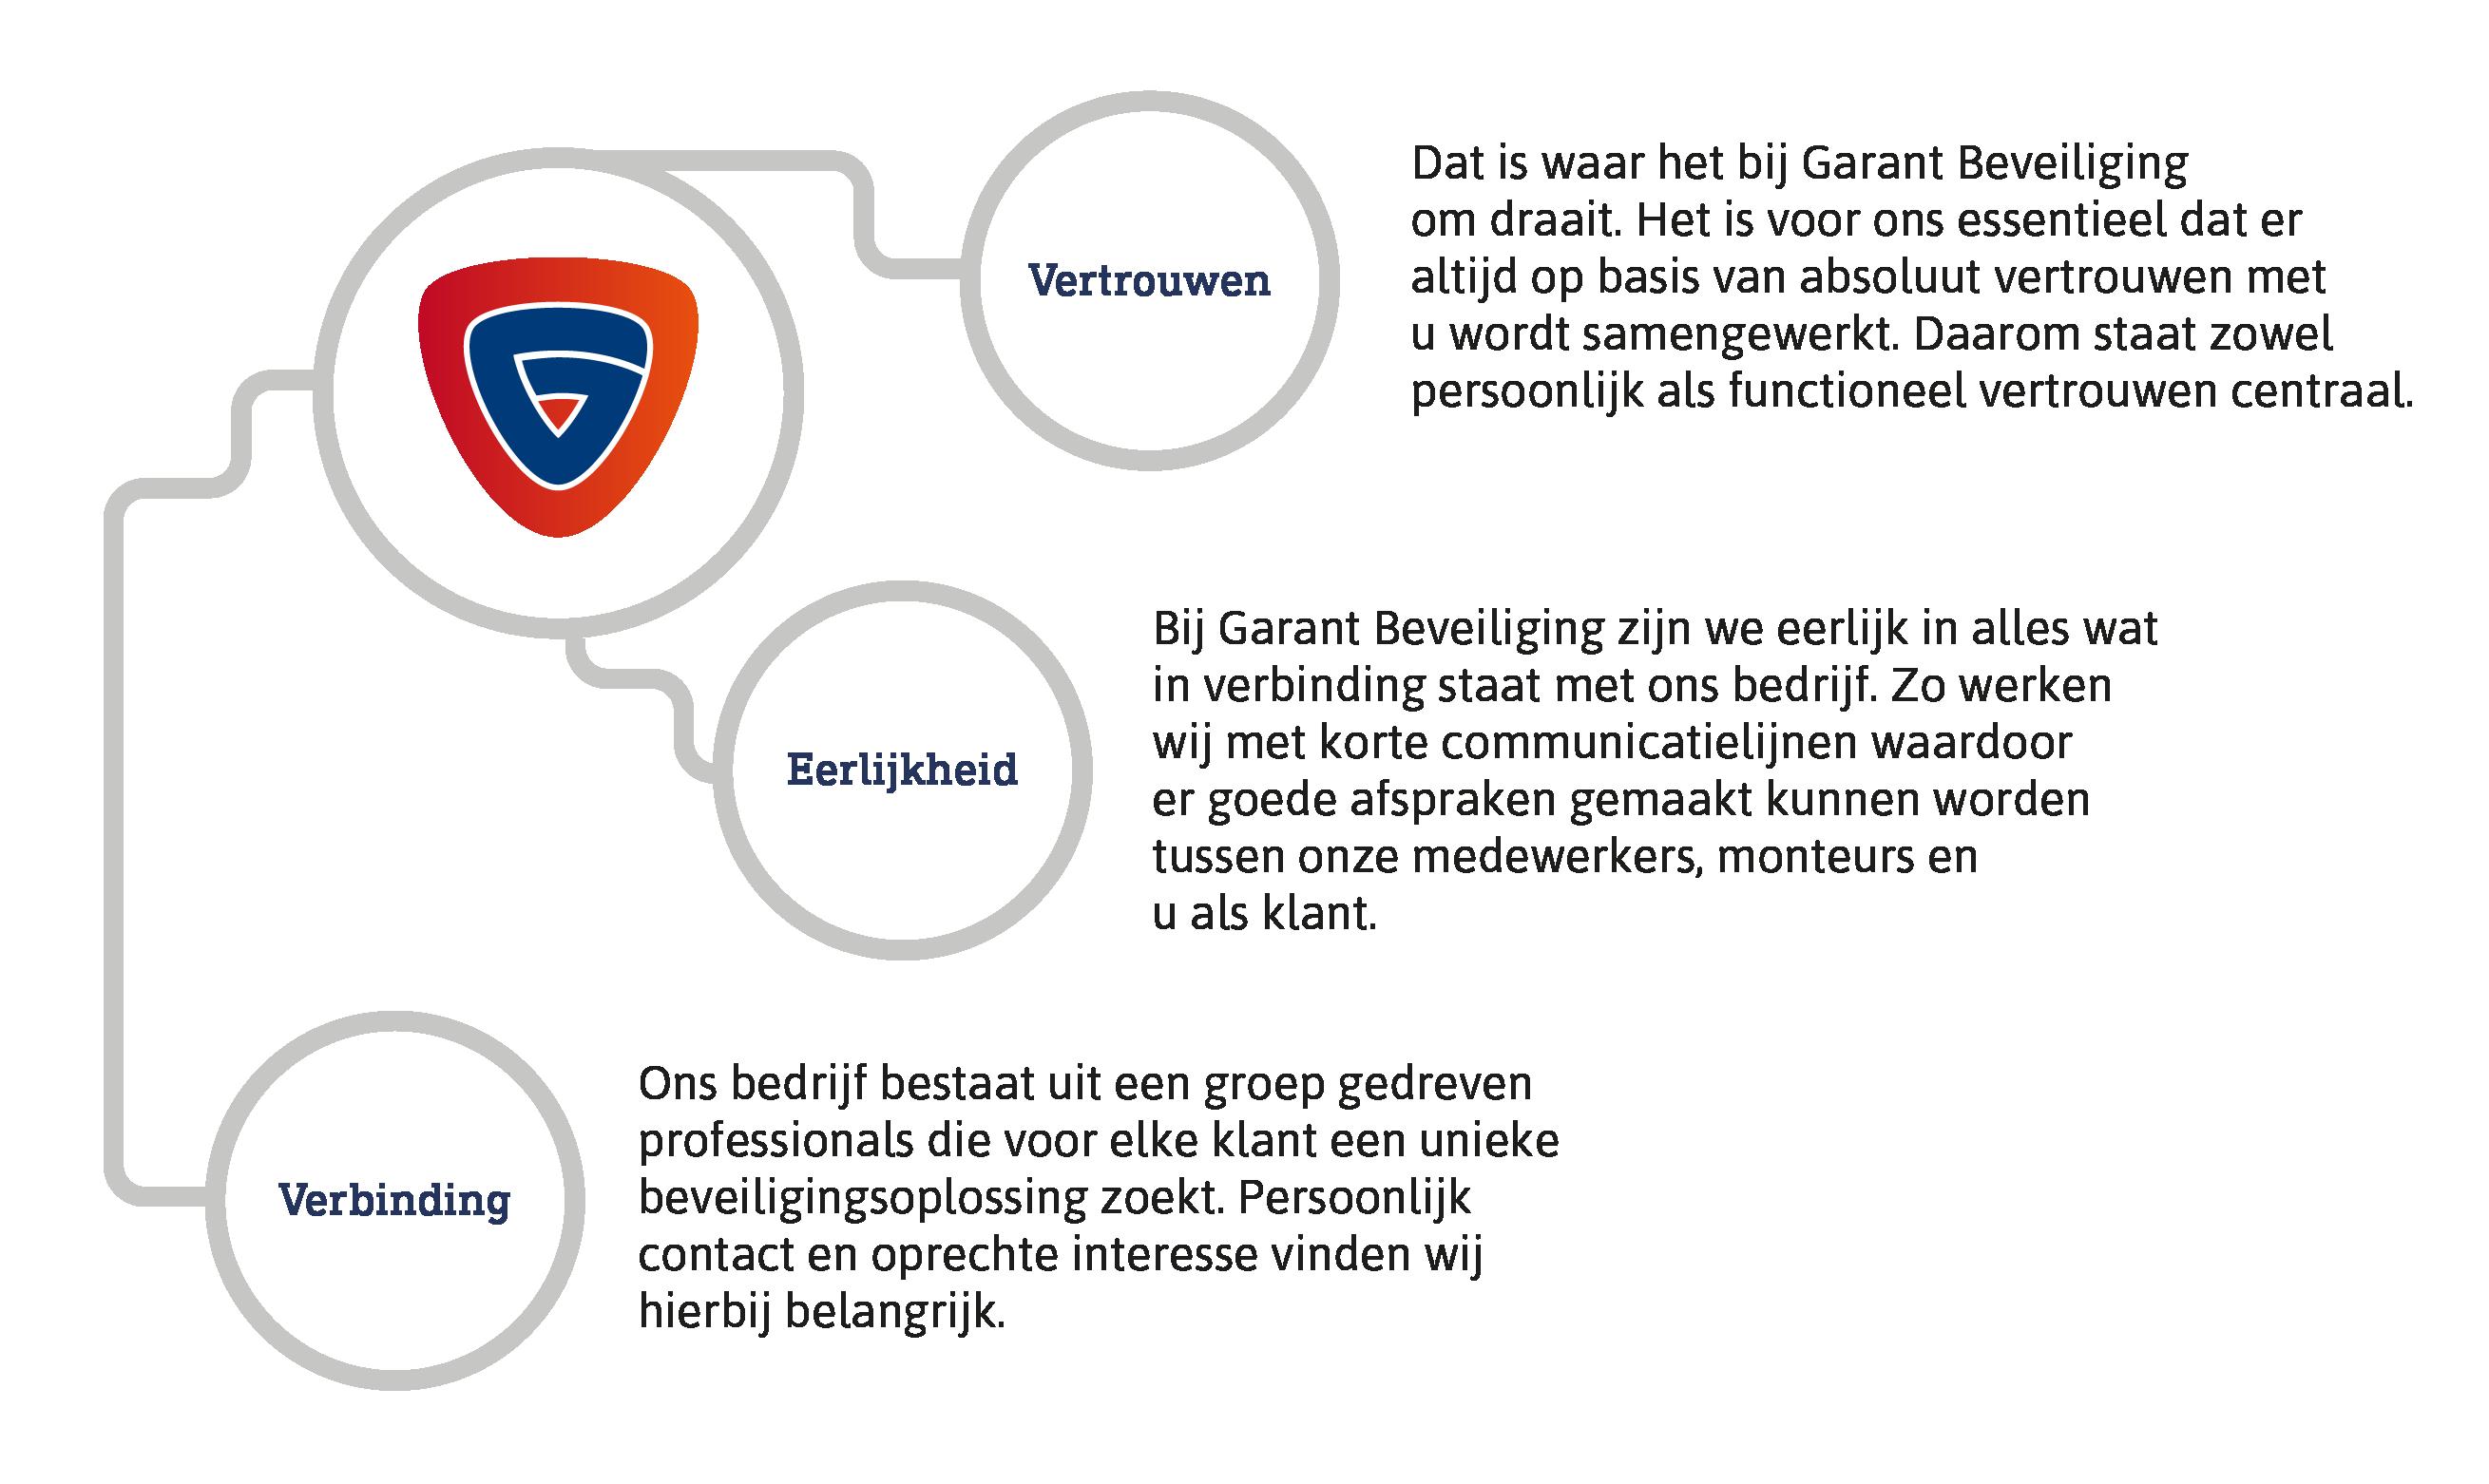 Vertrouwen. Dat is waar het bij Garant Beveiliging om draait. Het is voor ons essentieel dat er altijd op basis van absoluut vertrouwen met u wordt samengewerkt. Daarom staat zowel persoonlijk als functioneel vertrouwen centraal. Eerlijkheid. Bij Garant Beveiliging zijn we eerlijk in alles wat in verbinding staat met ons bedrijf. Zo werken wij met korte communicatielijnen waardoor er goede afspraken gemaakt kunnen worden tussen onze medewerkers, monteurs en u als klant. Verbinding. Ons bedrijf bestaat uit een groep gedreven professionals die voor elke klant een unieke beveiligingsoplossing zoekt. Persoonlijk contact en oprechte interesse vinden wij hierbij belangrijk.